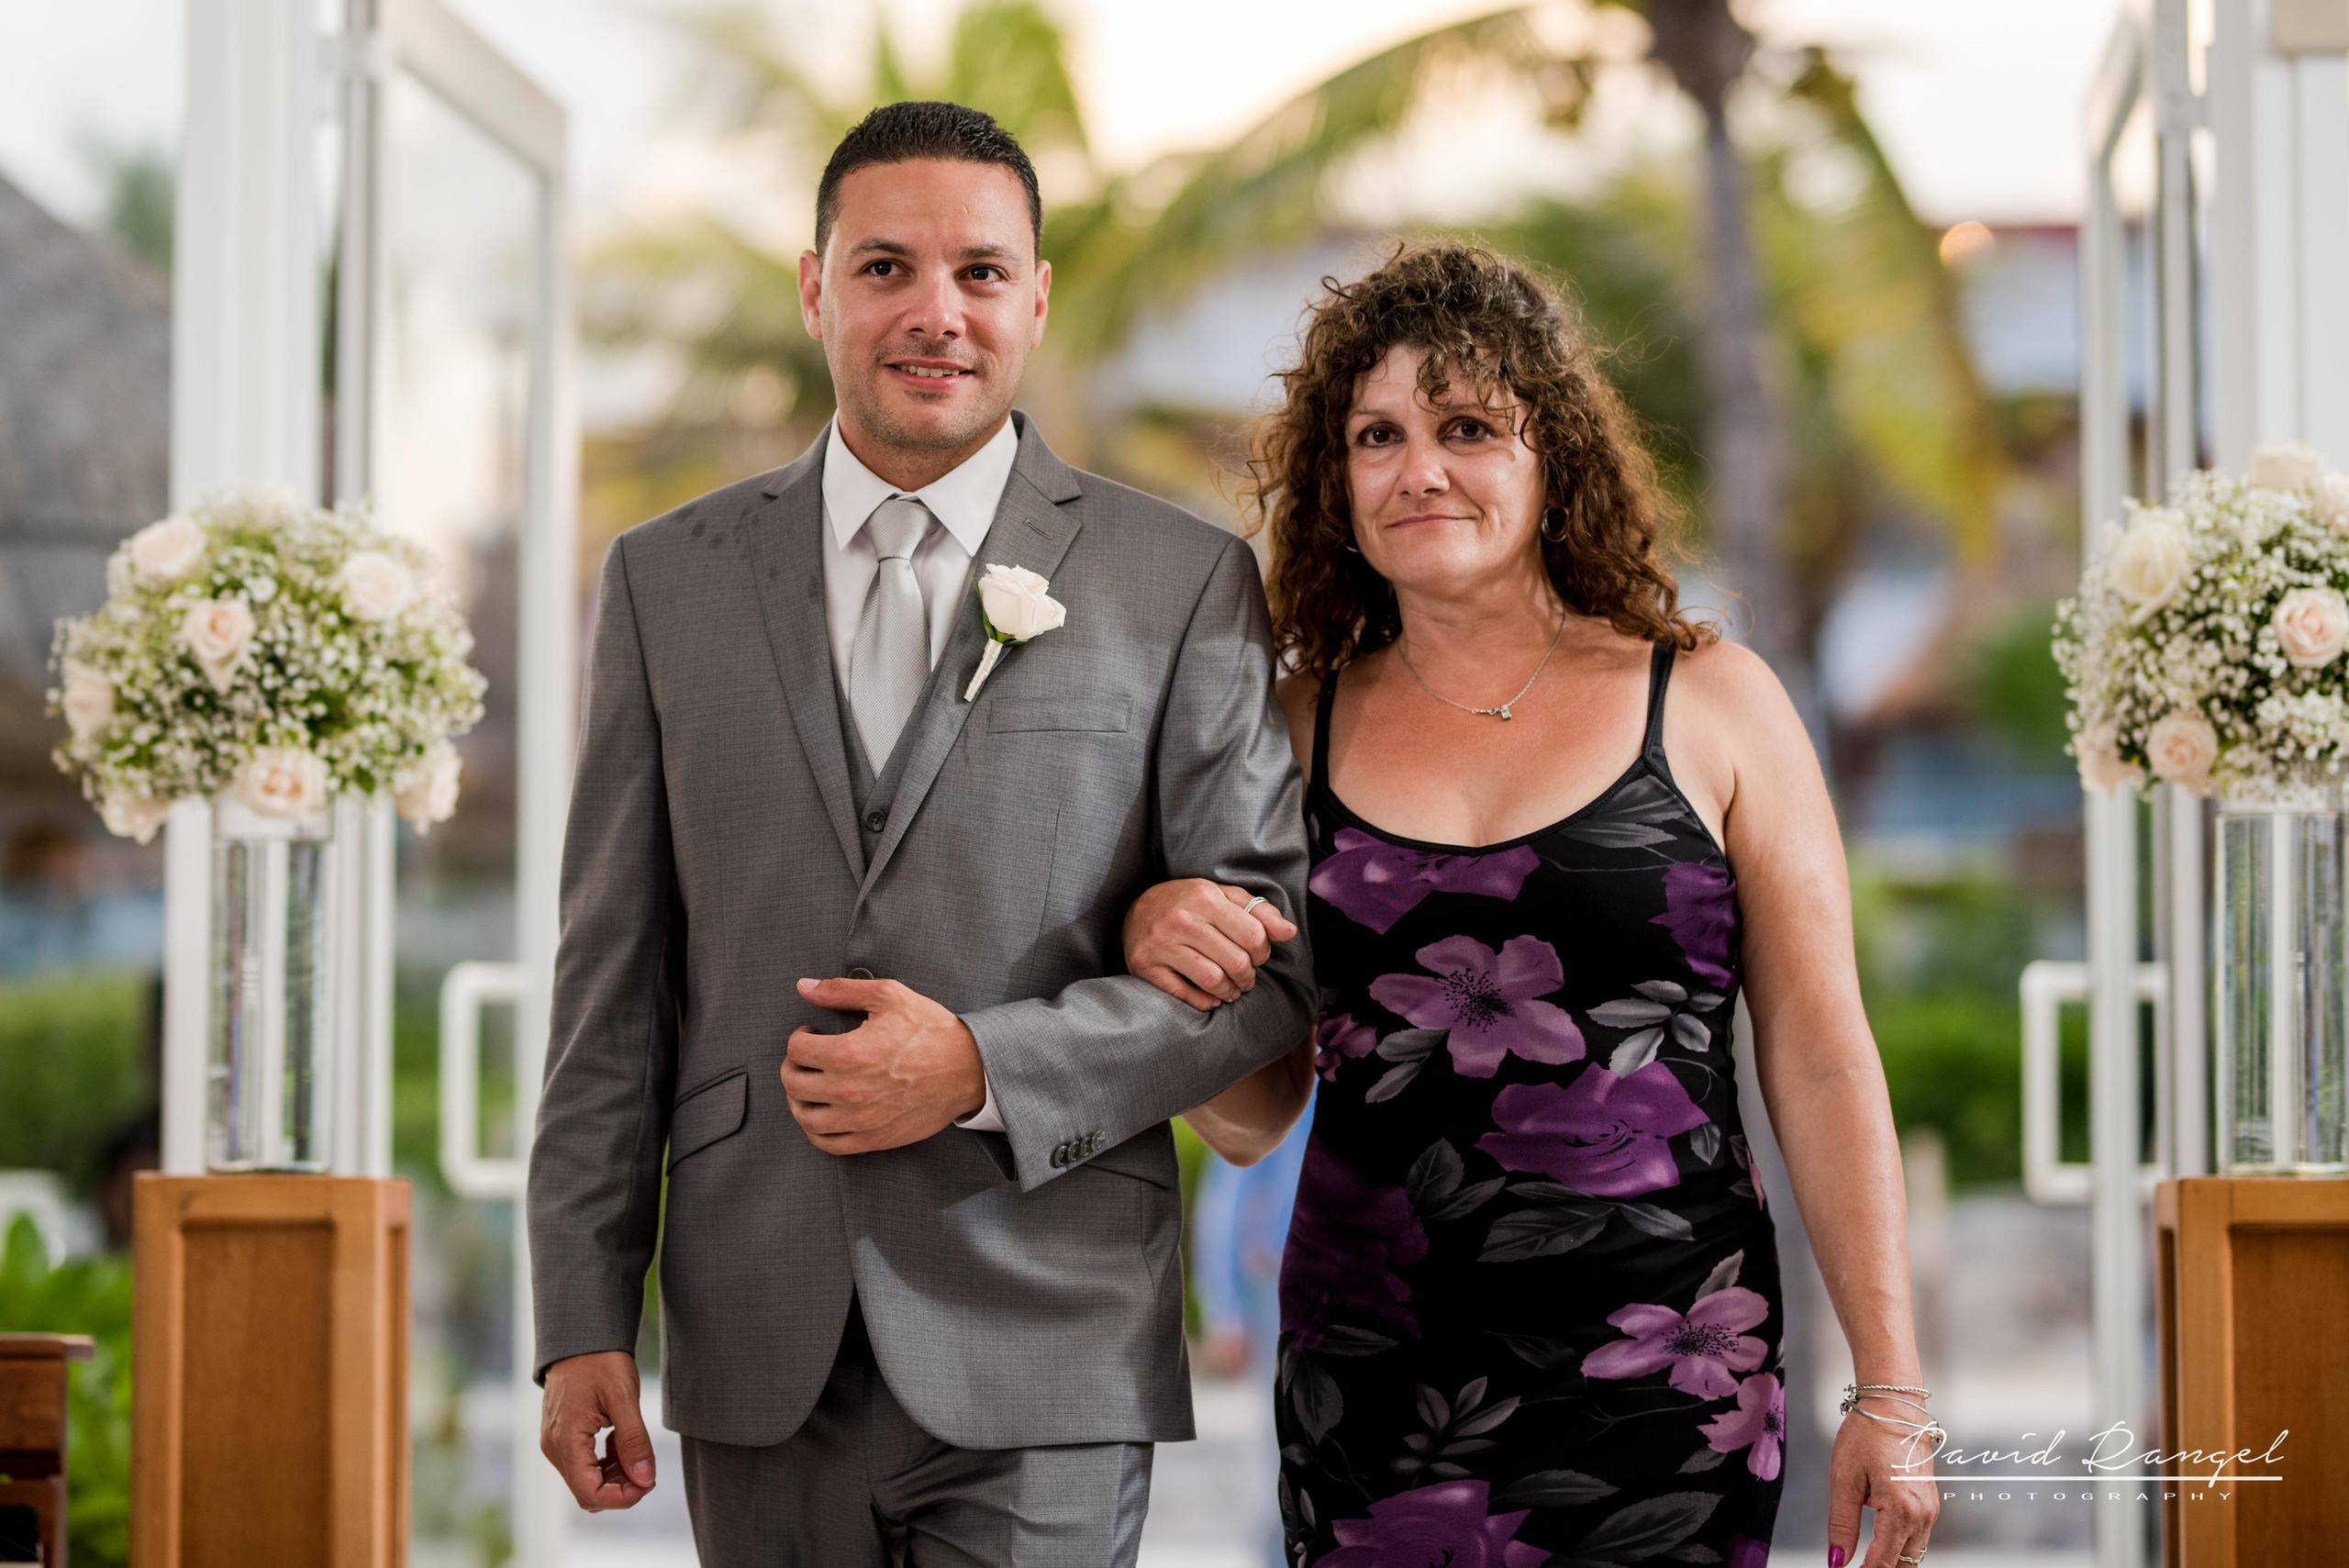 groom+mom+walk+aisle